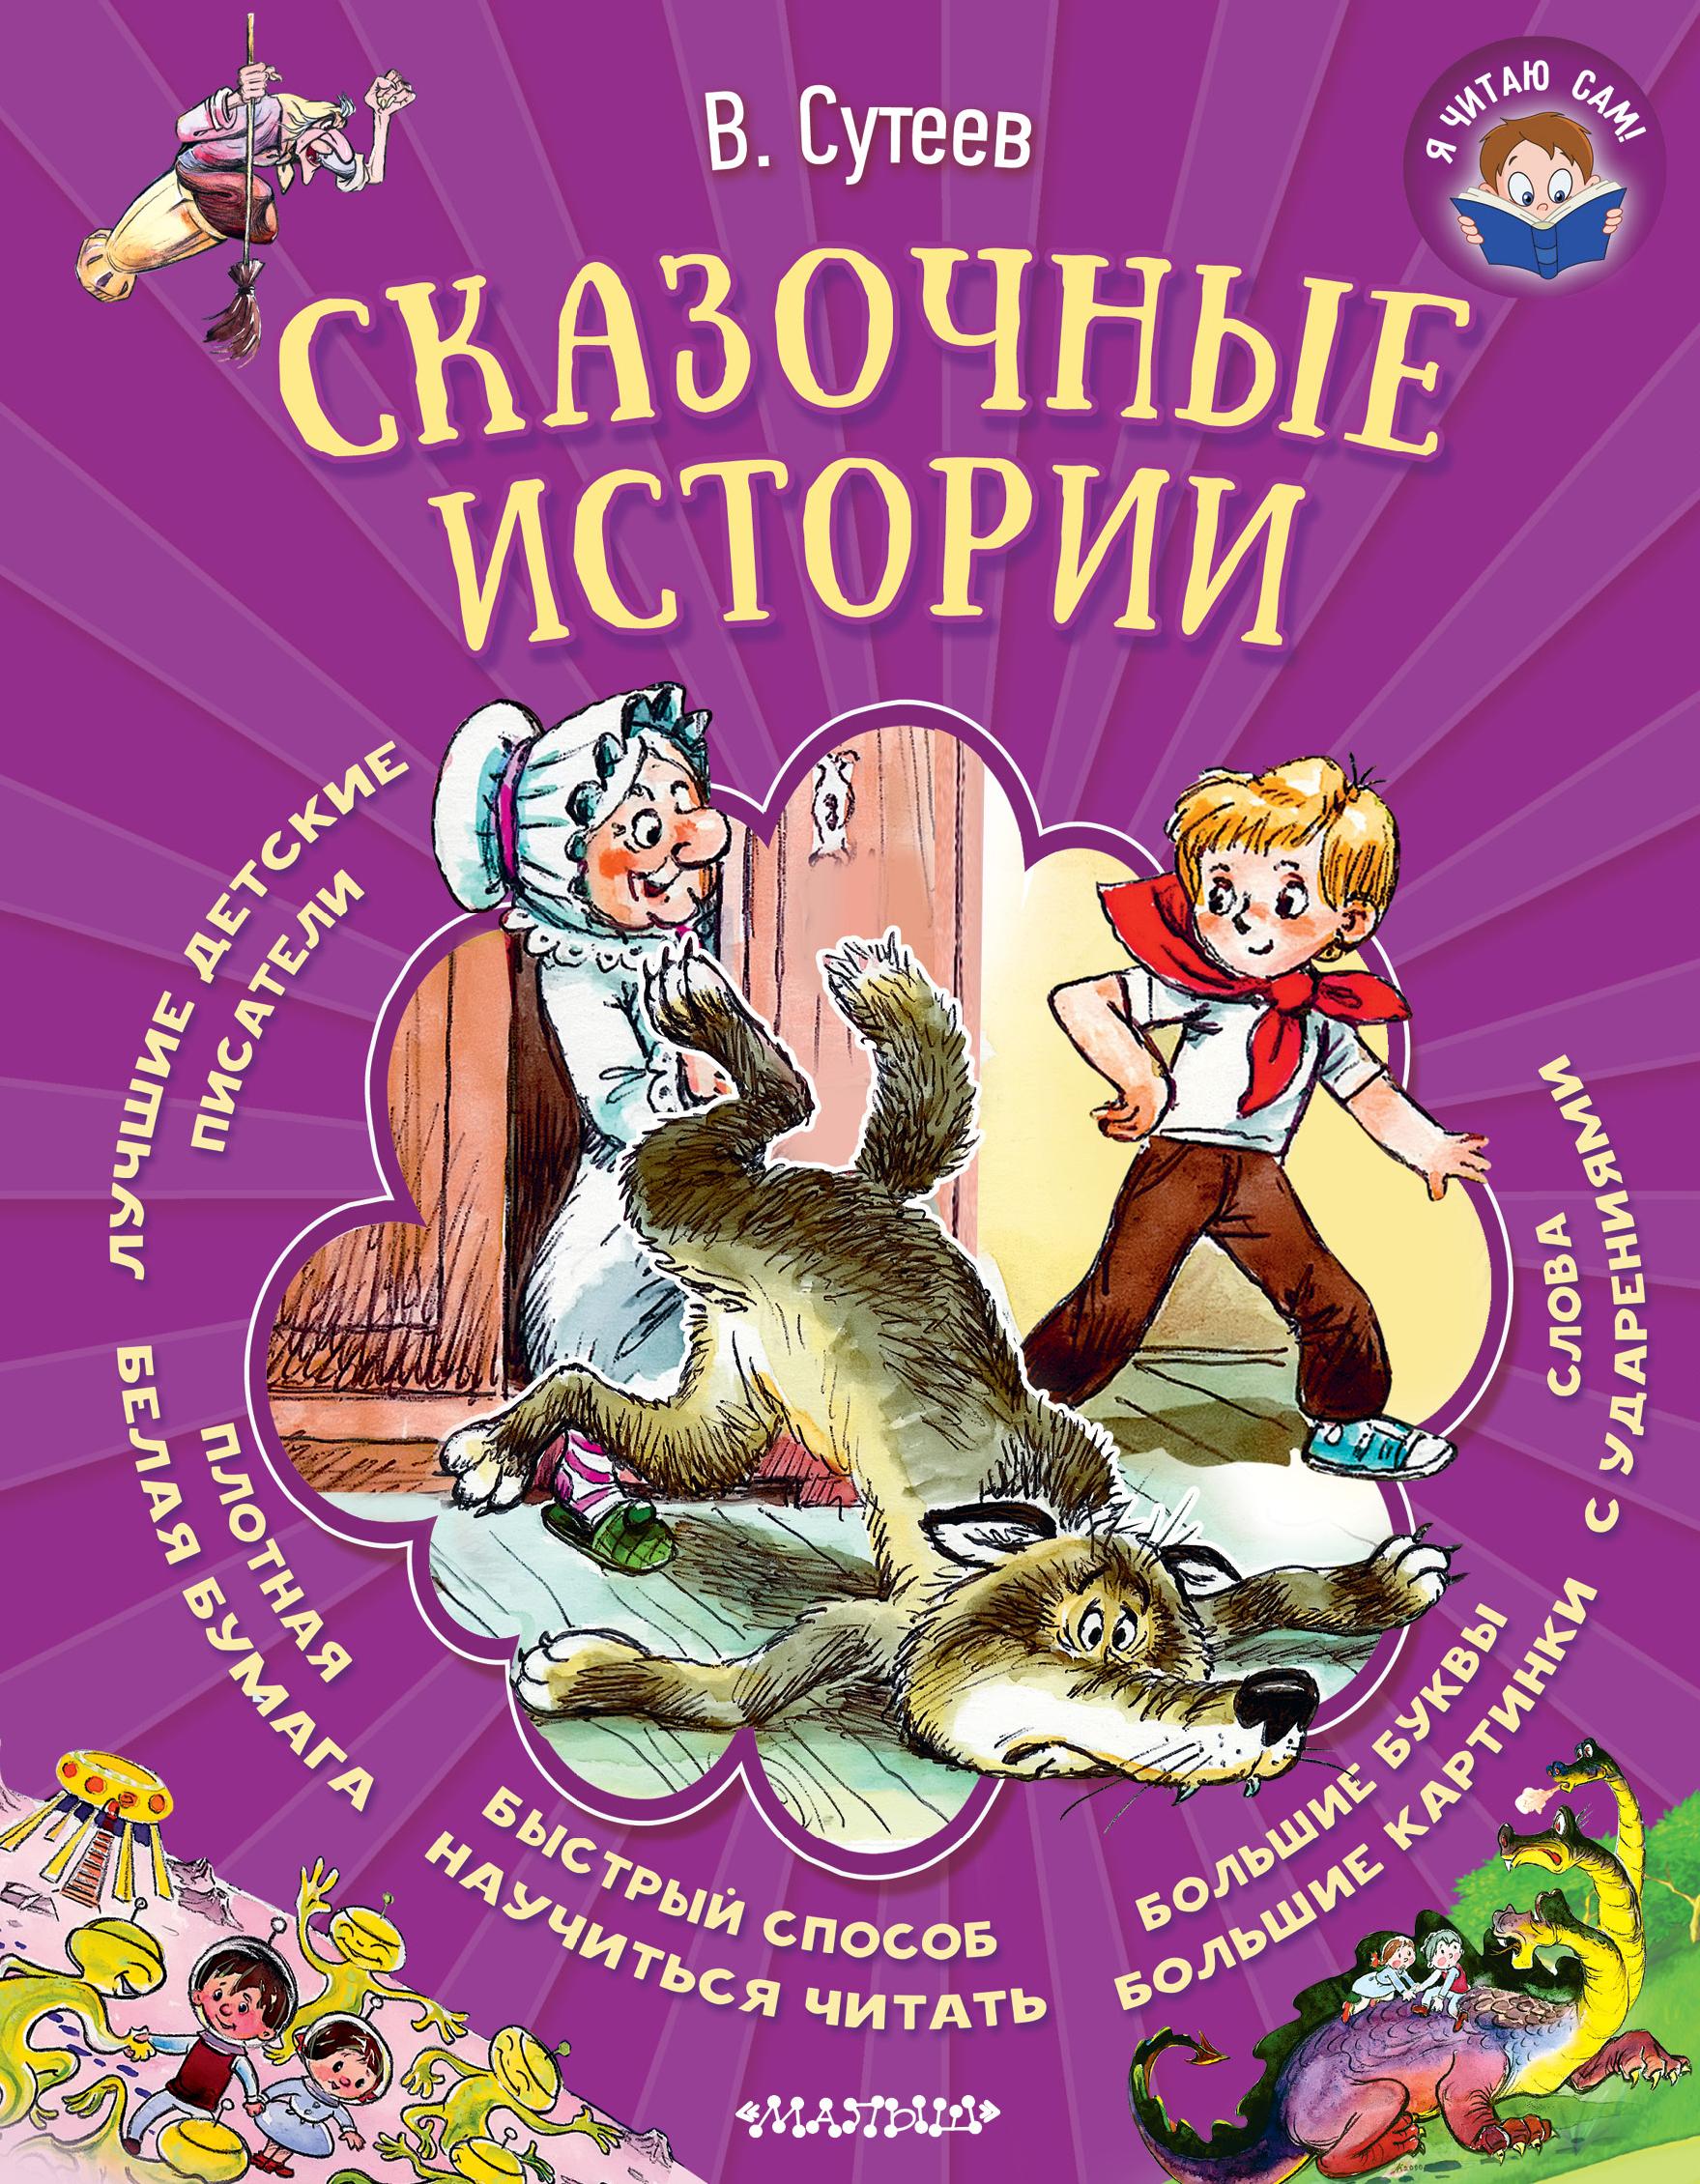 Сутеев В.Г. Сказочные истории про красную шапочку региональноеиздание dvd